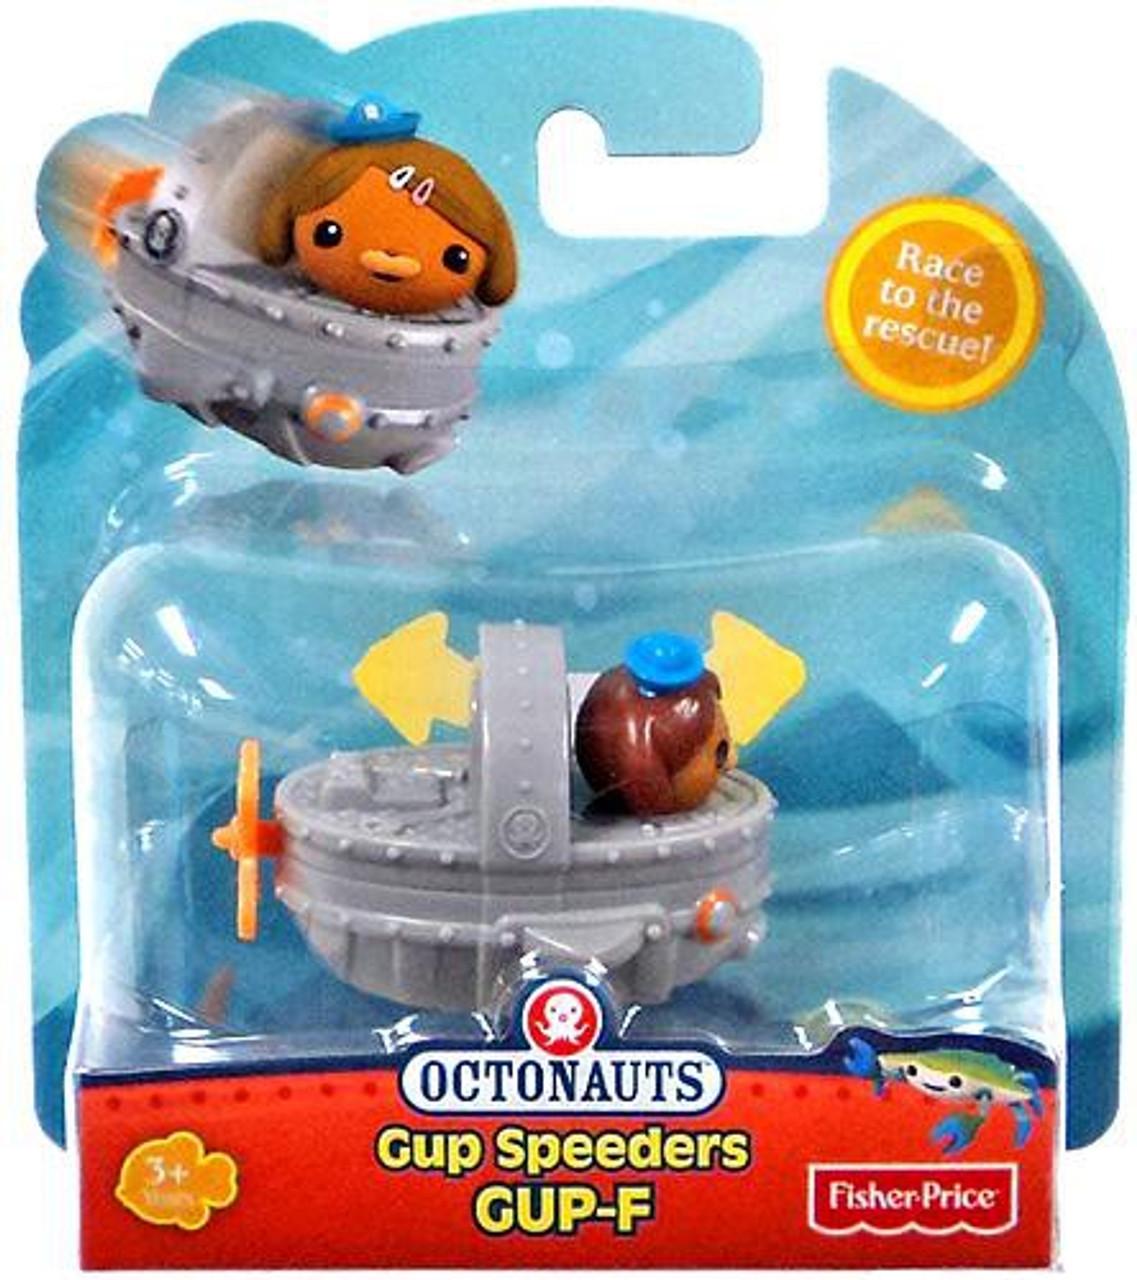 Fisher Price Octonauts Gup Speeders GUP-F Toy Vehicle